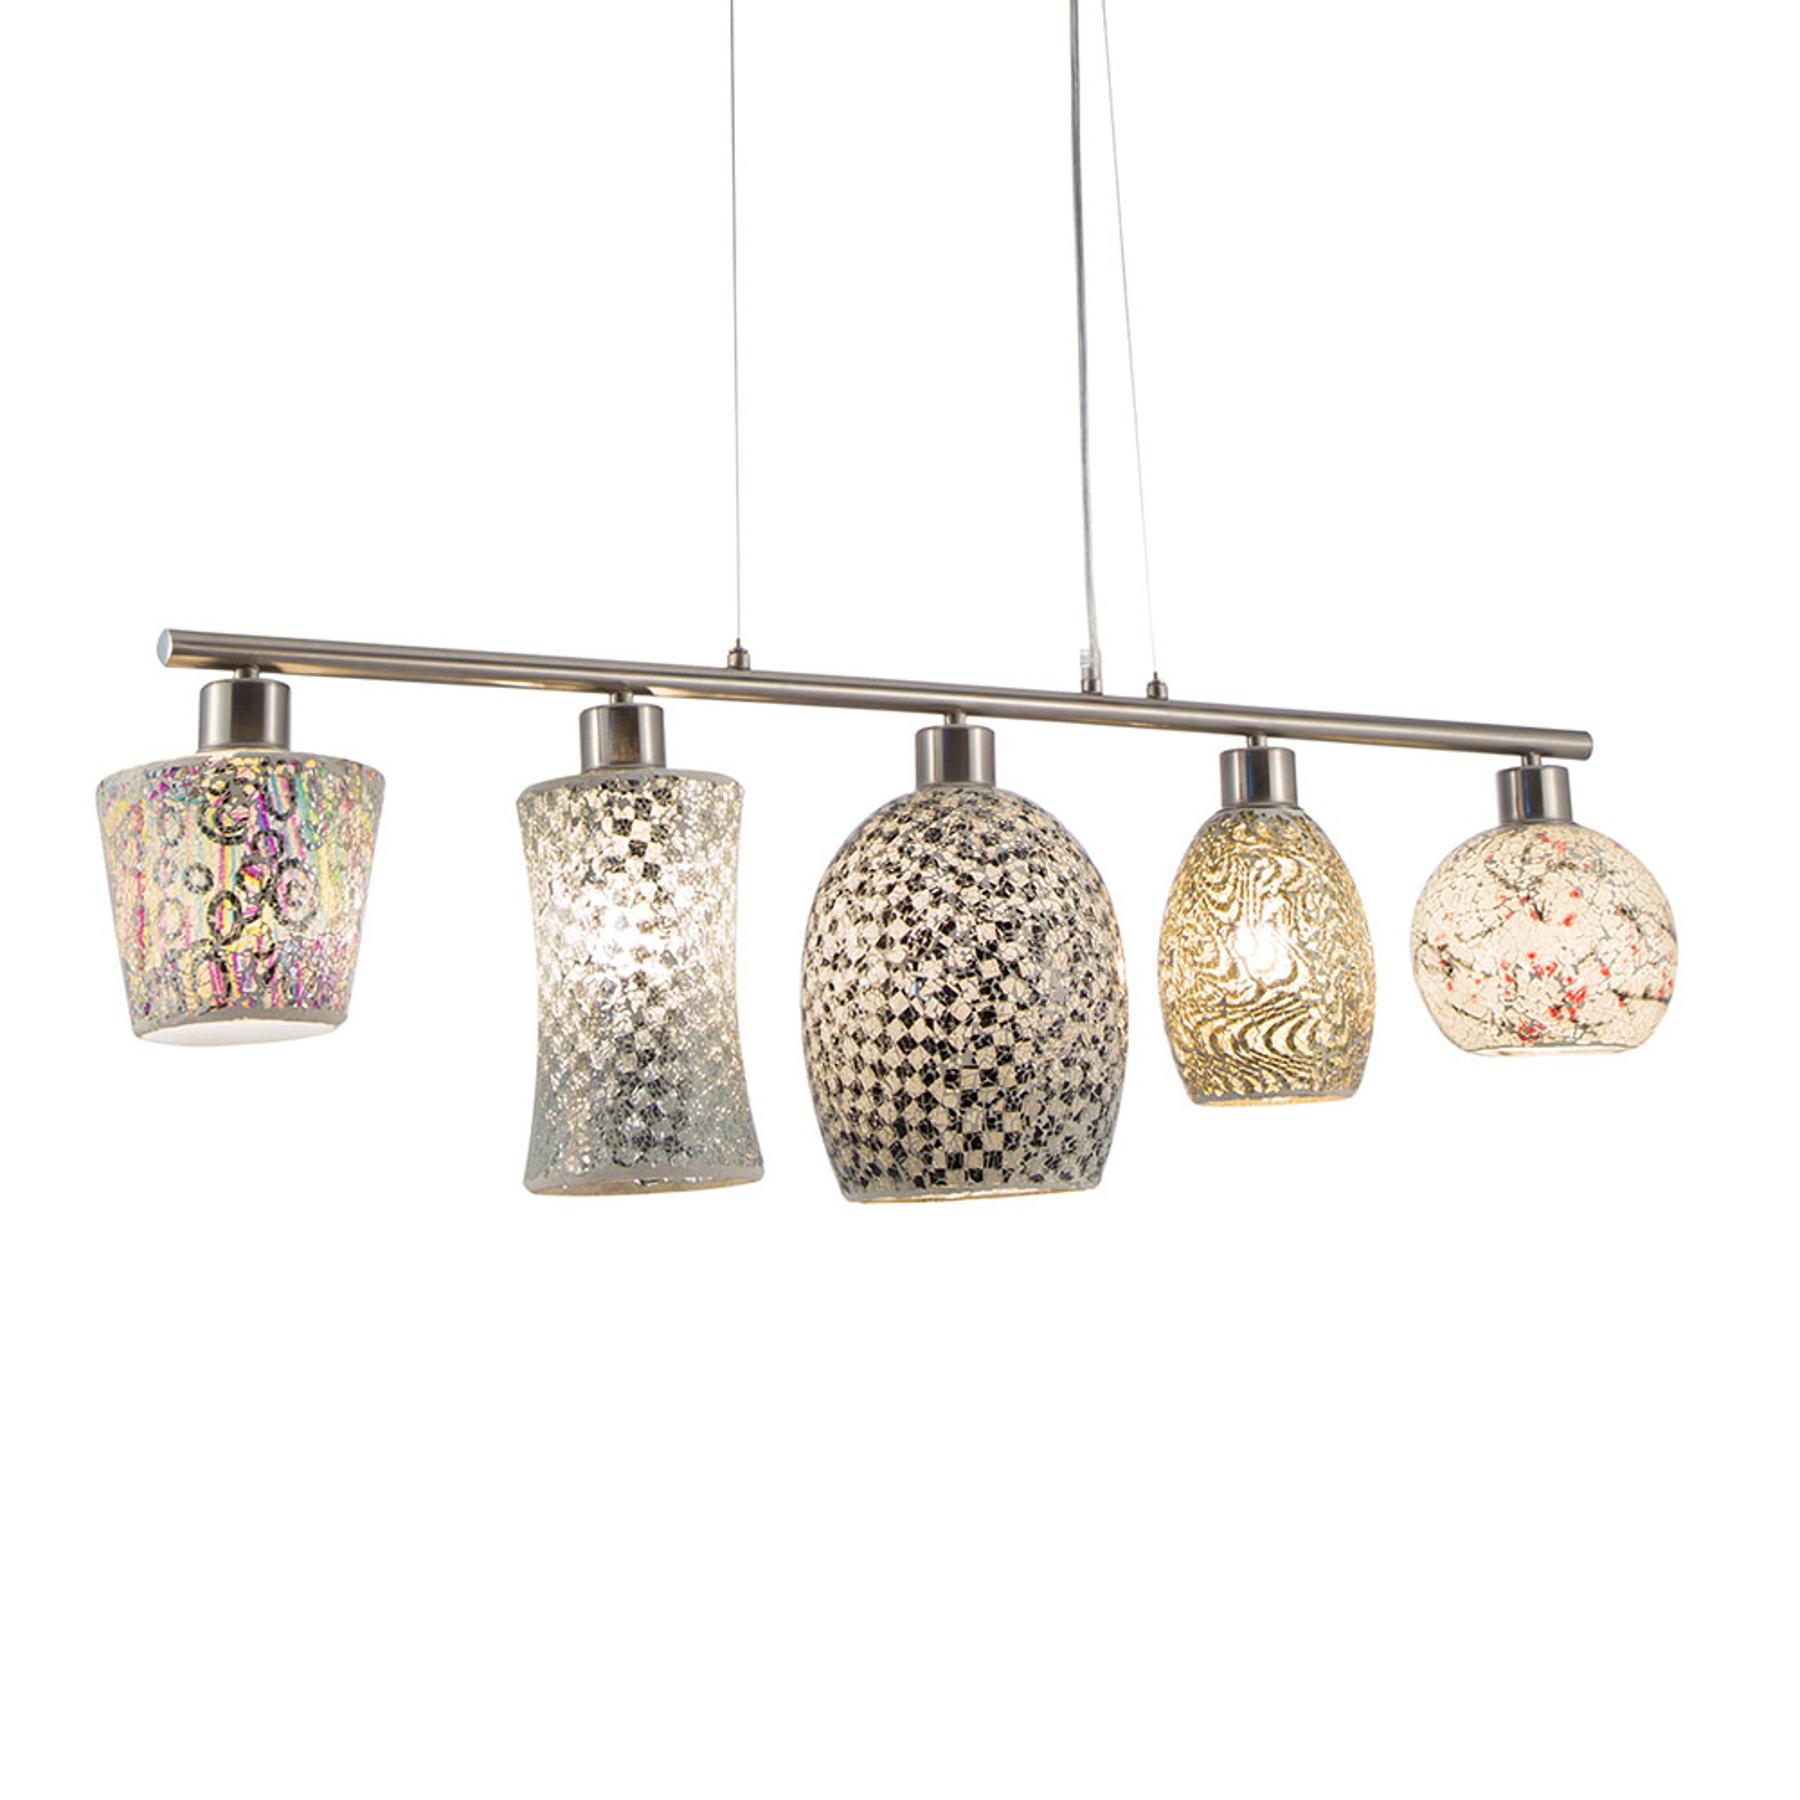 Hanglamp Arezzo, 5-lamps